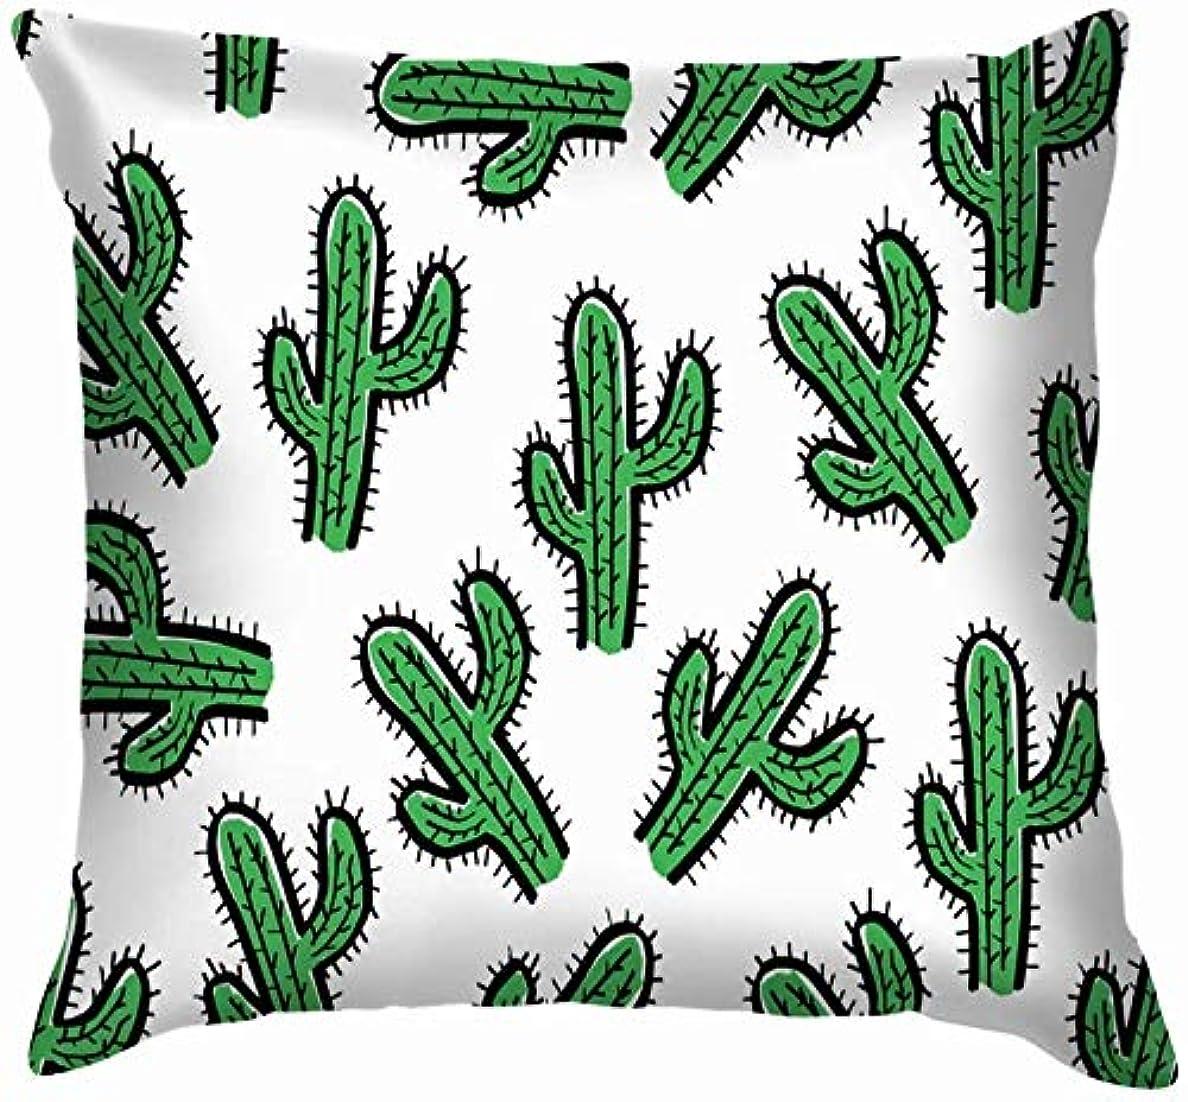 ラフト幸福独立してサボテンデザインスロー枕カバーホームソファクッションカバー枕カバーギフト45x45 cm